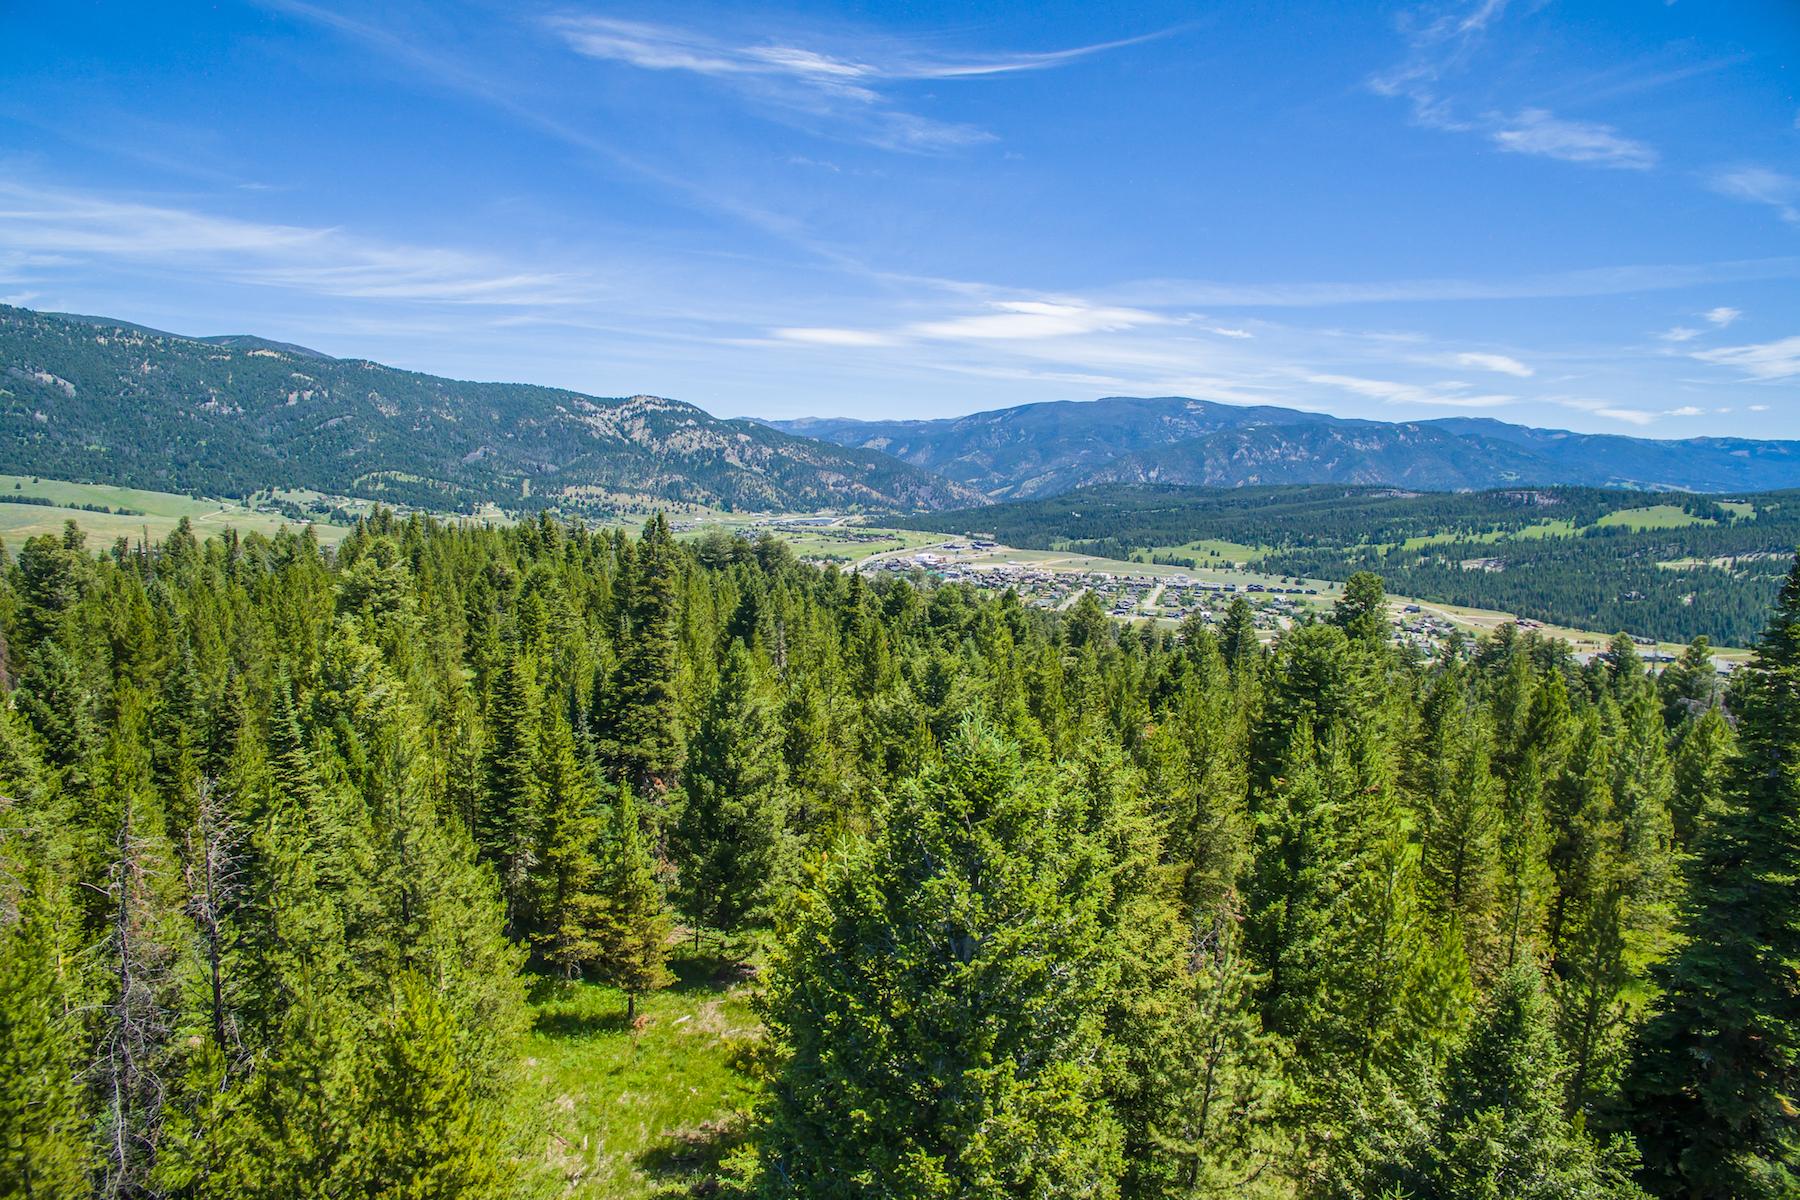 Земля для того Продажа на Gallatin Highlands Lot 3 Sandhill Road Lot 3 Big Sky, Монтана, 59716 Соединенные Штаты